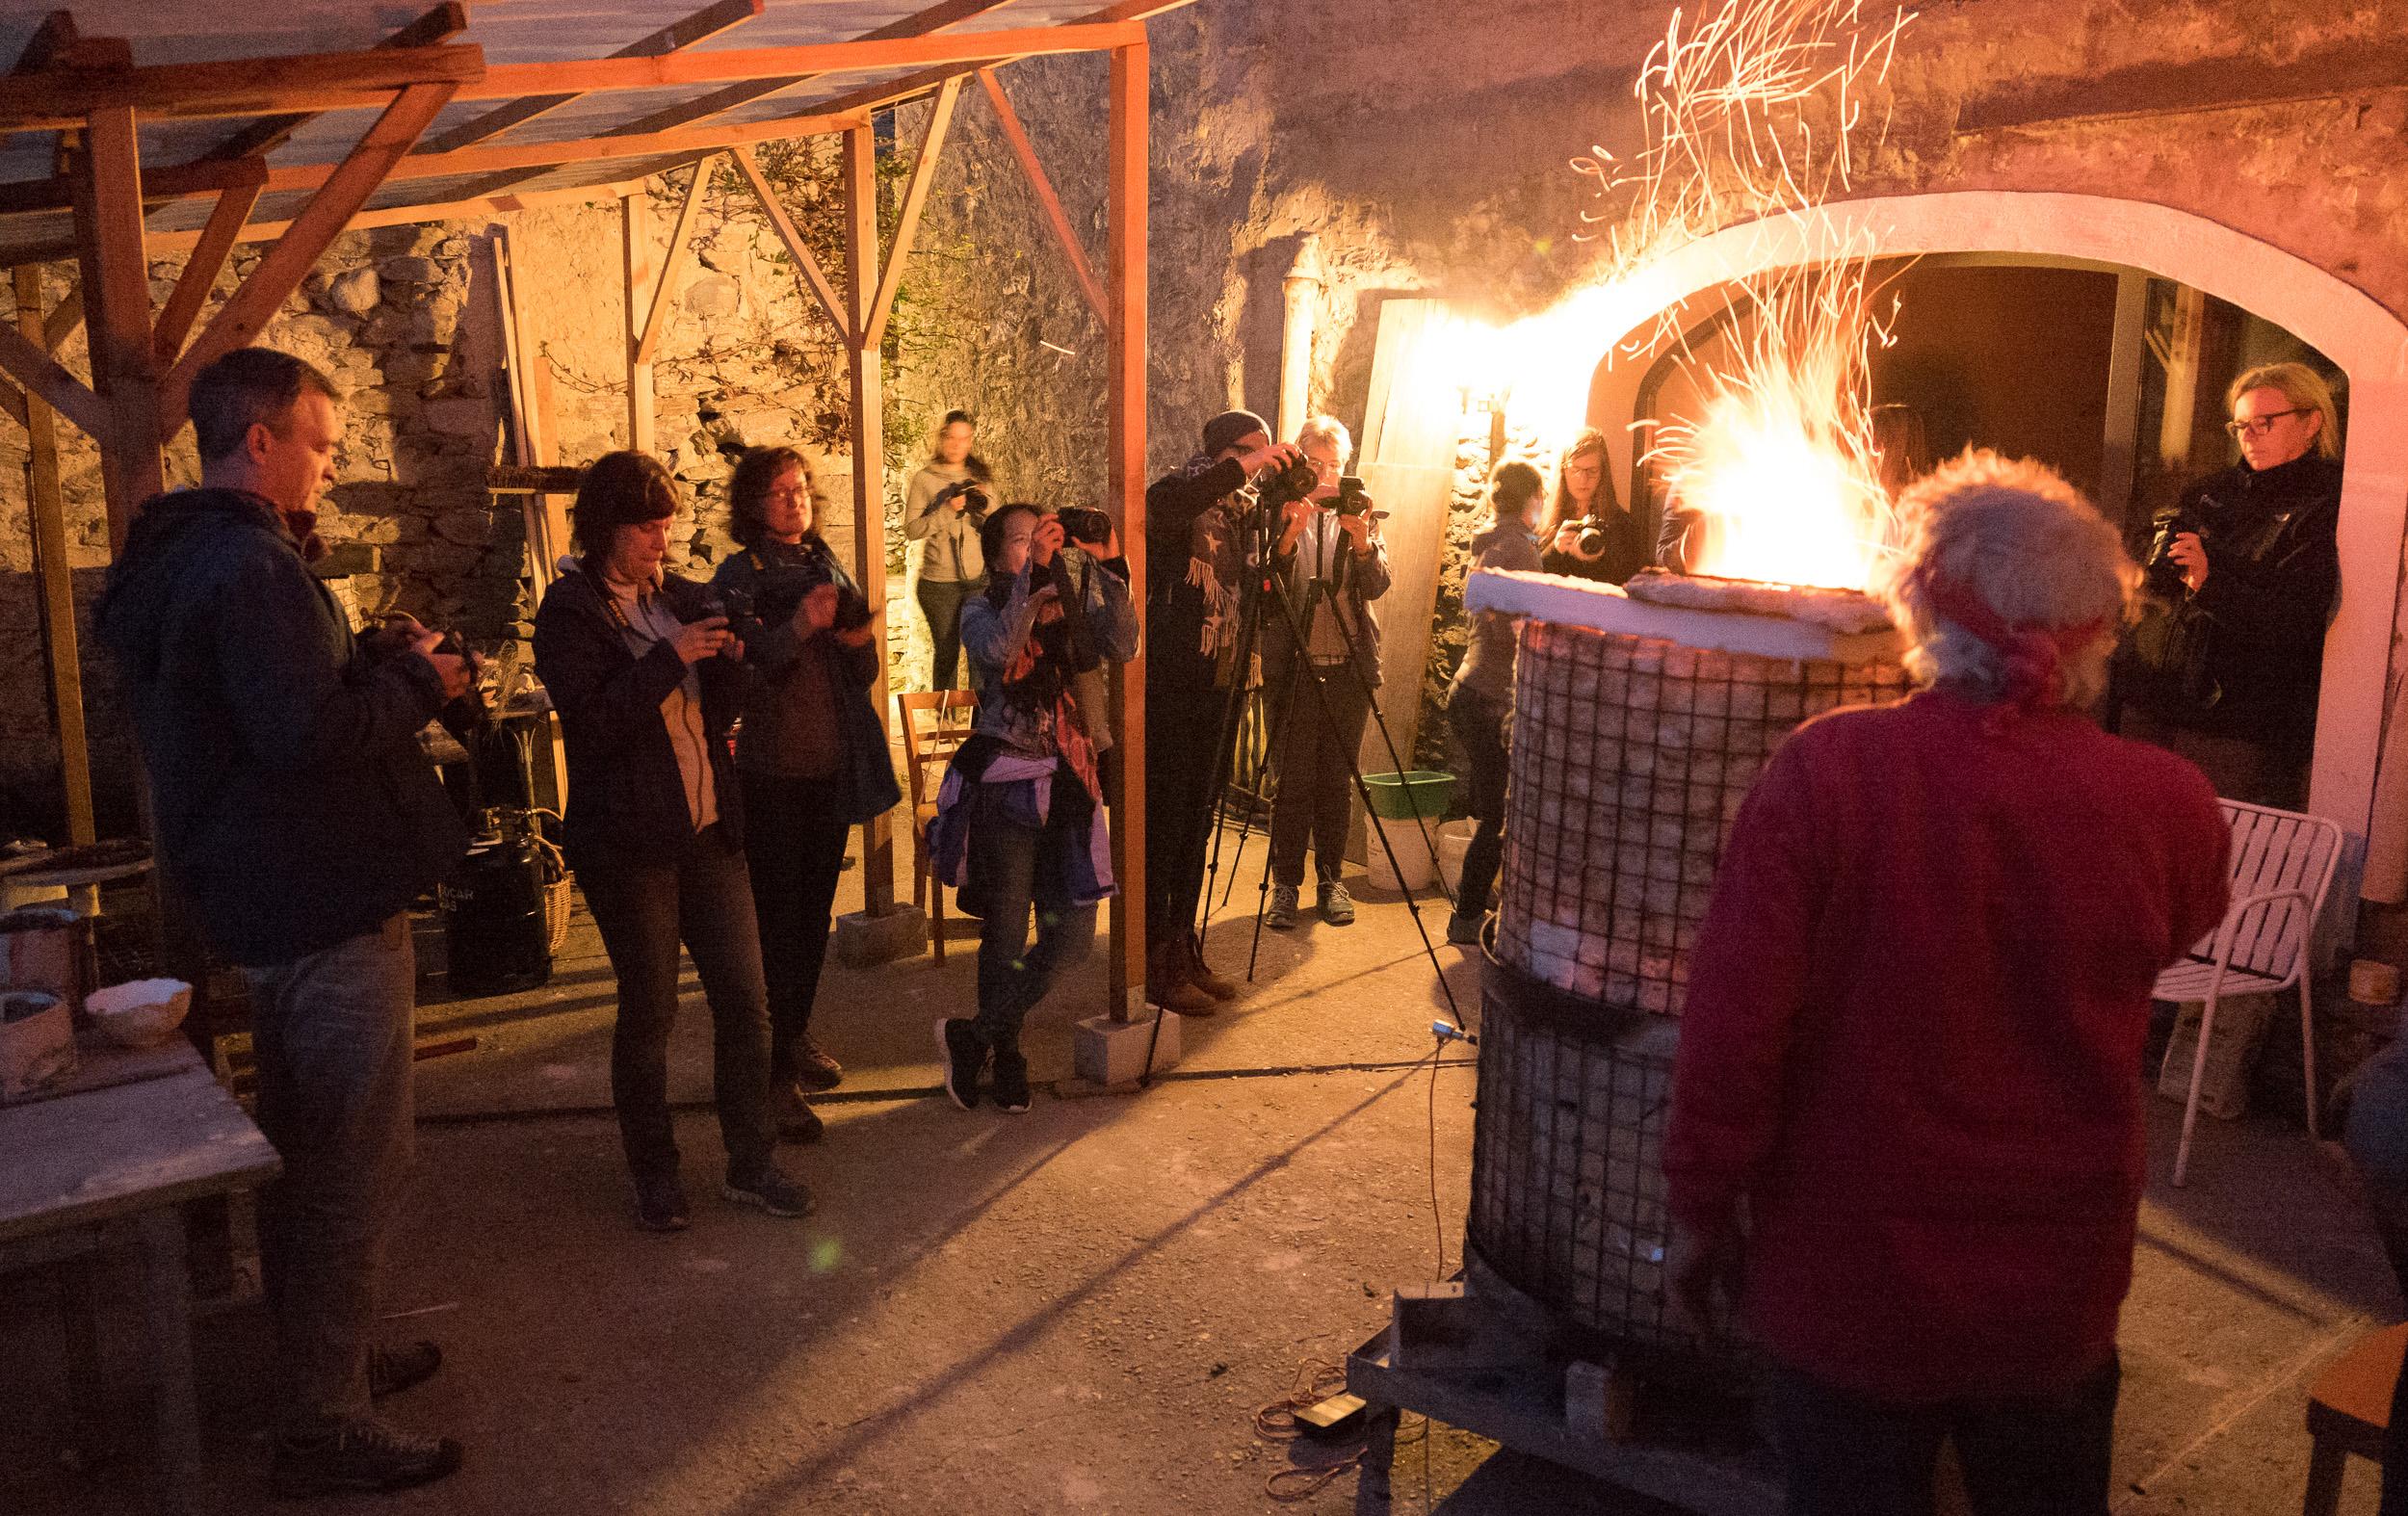 Unsere Fotogruppe im Innenhof von Renatos Ateliergebäude. Leica SL / SL 2.8-4.0 24-90 auf 24 mm / 1/10 sec / f 2.8 / 10 000 ISO / kein Stativ